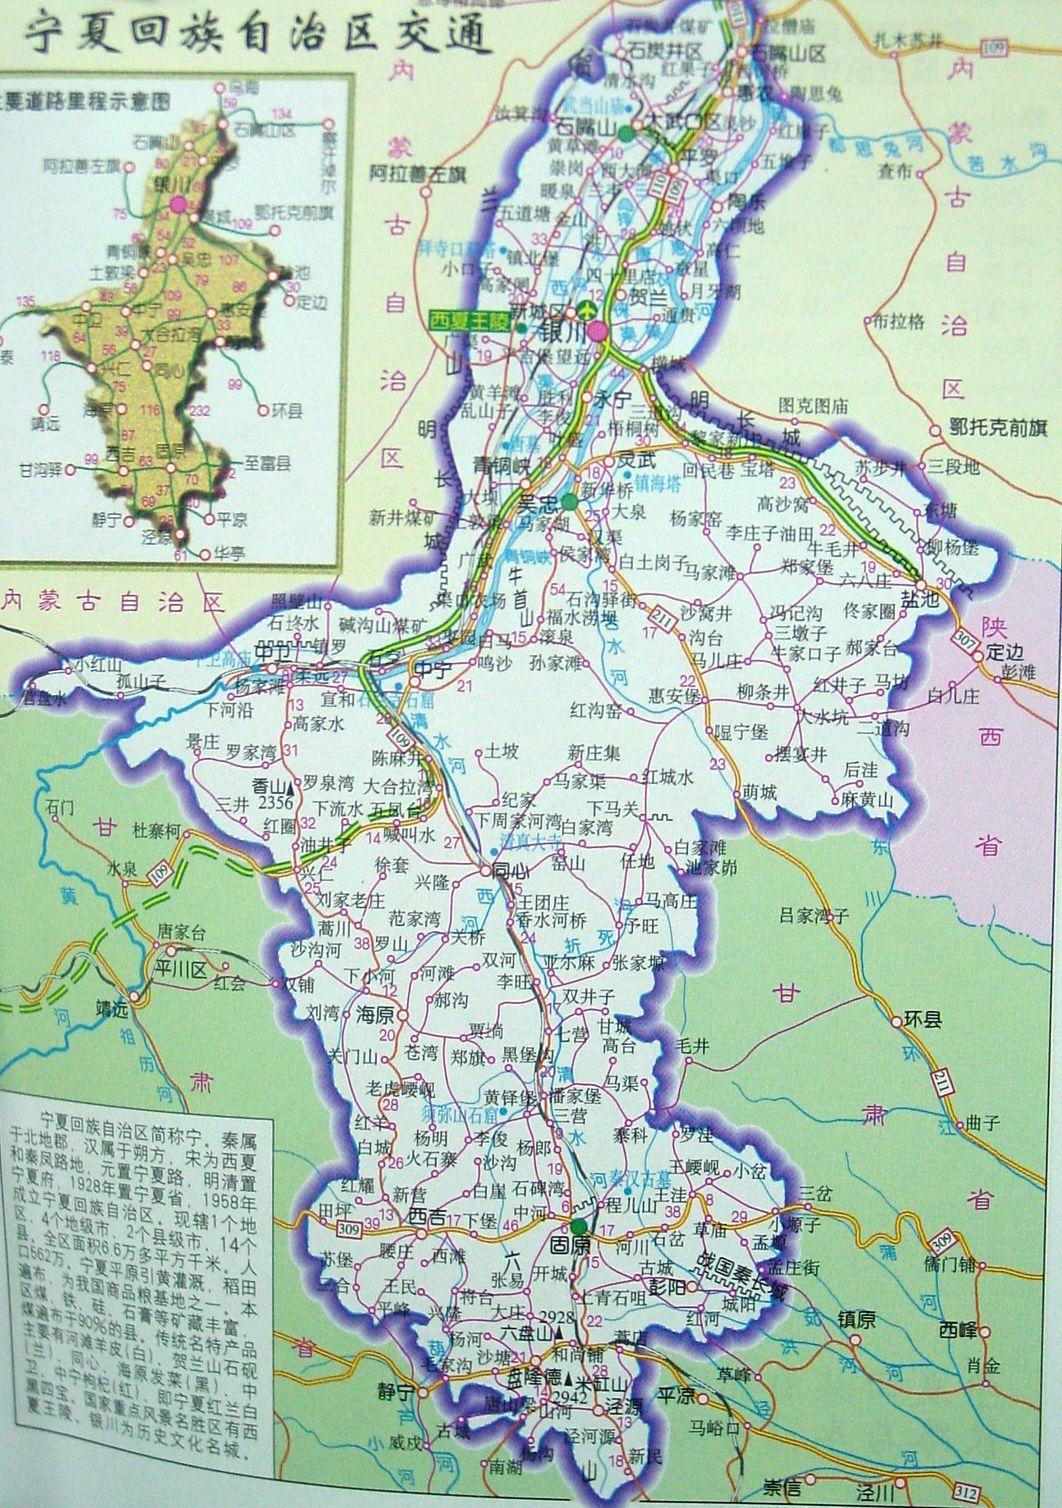 宁夏回族自治区简介_宁夏自治区地图图片展示_宁夏自治区地图相关图片下载